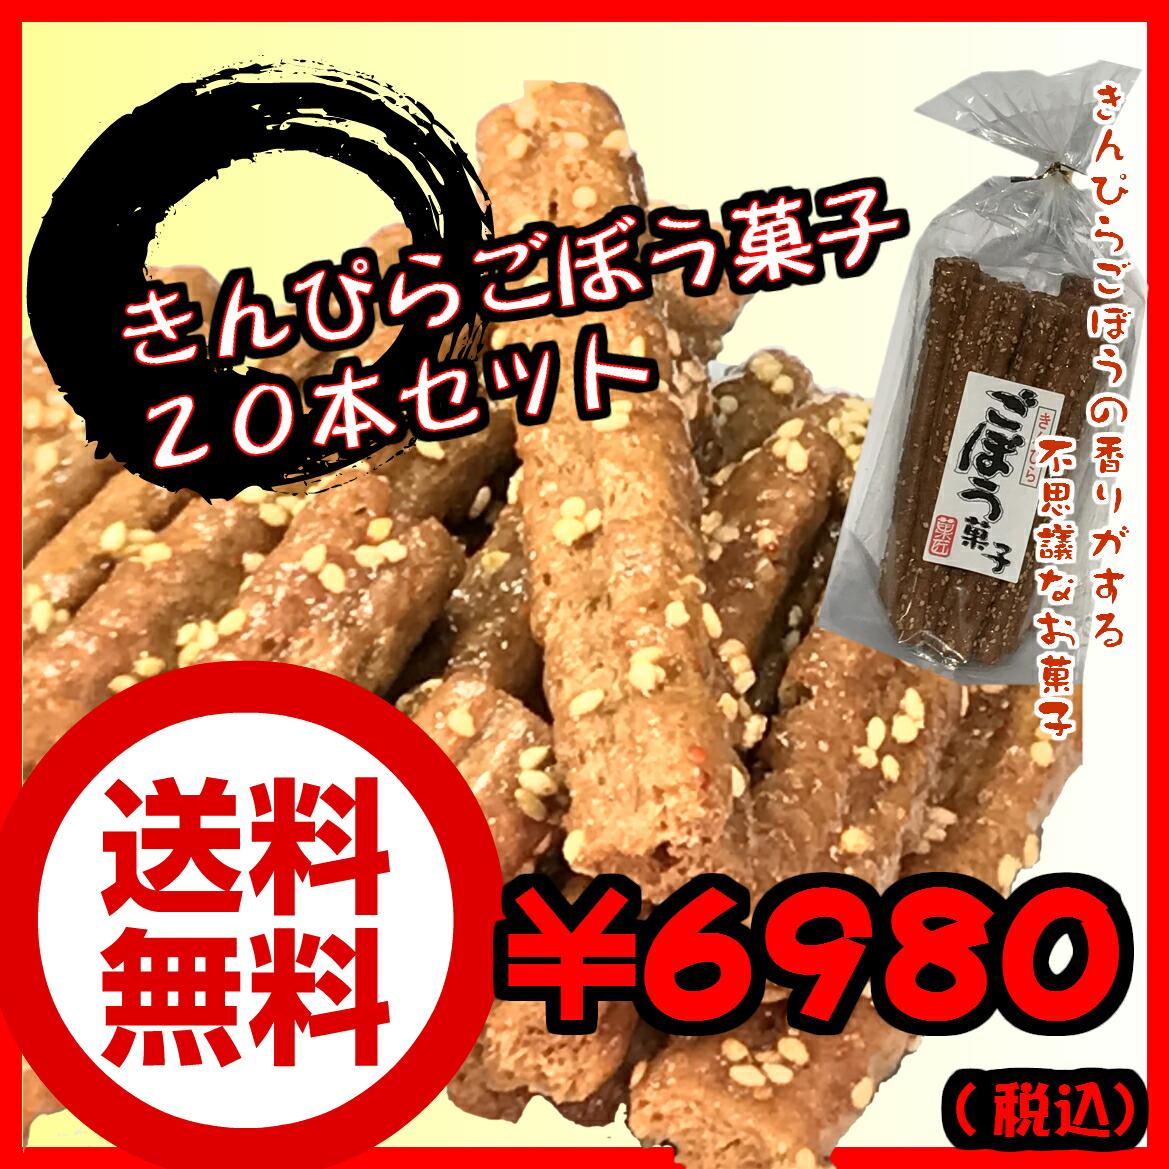 きんぴらごぼう菓子≫ お菓子20個セット